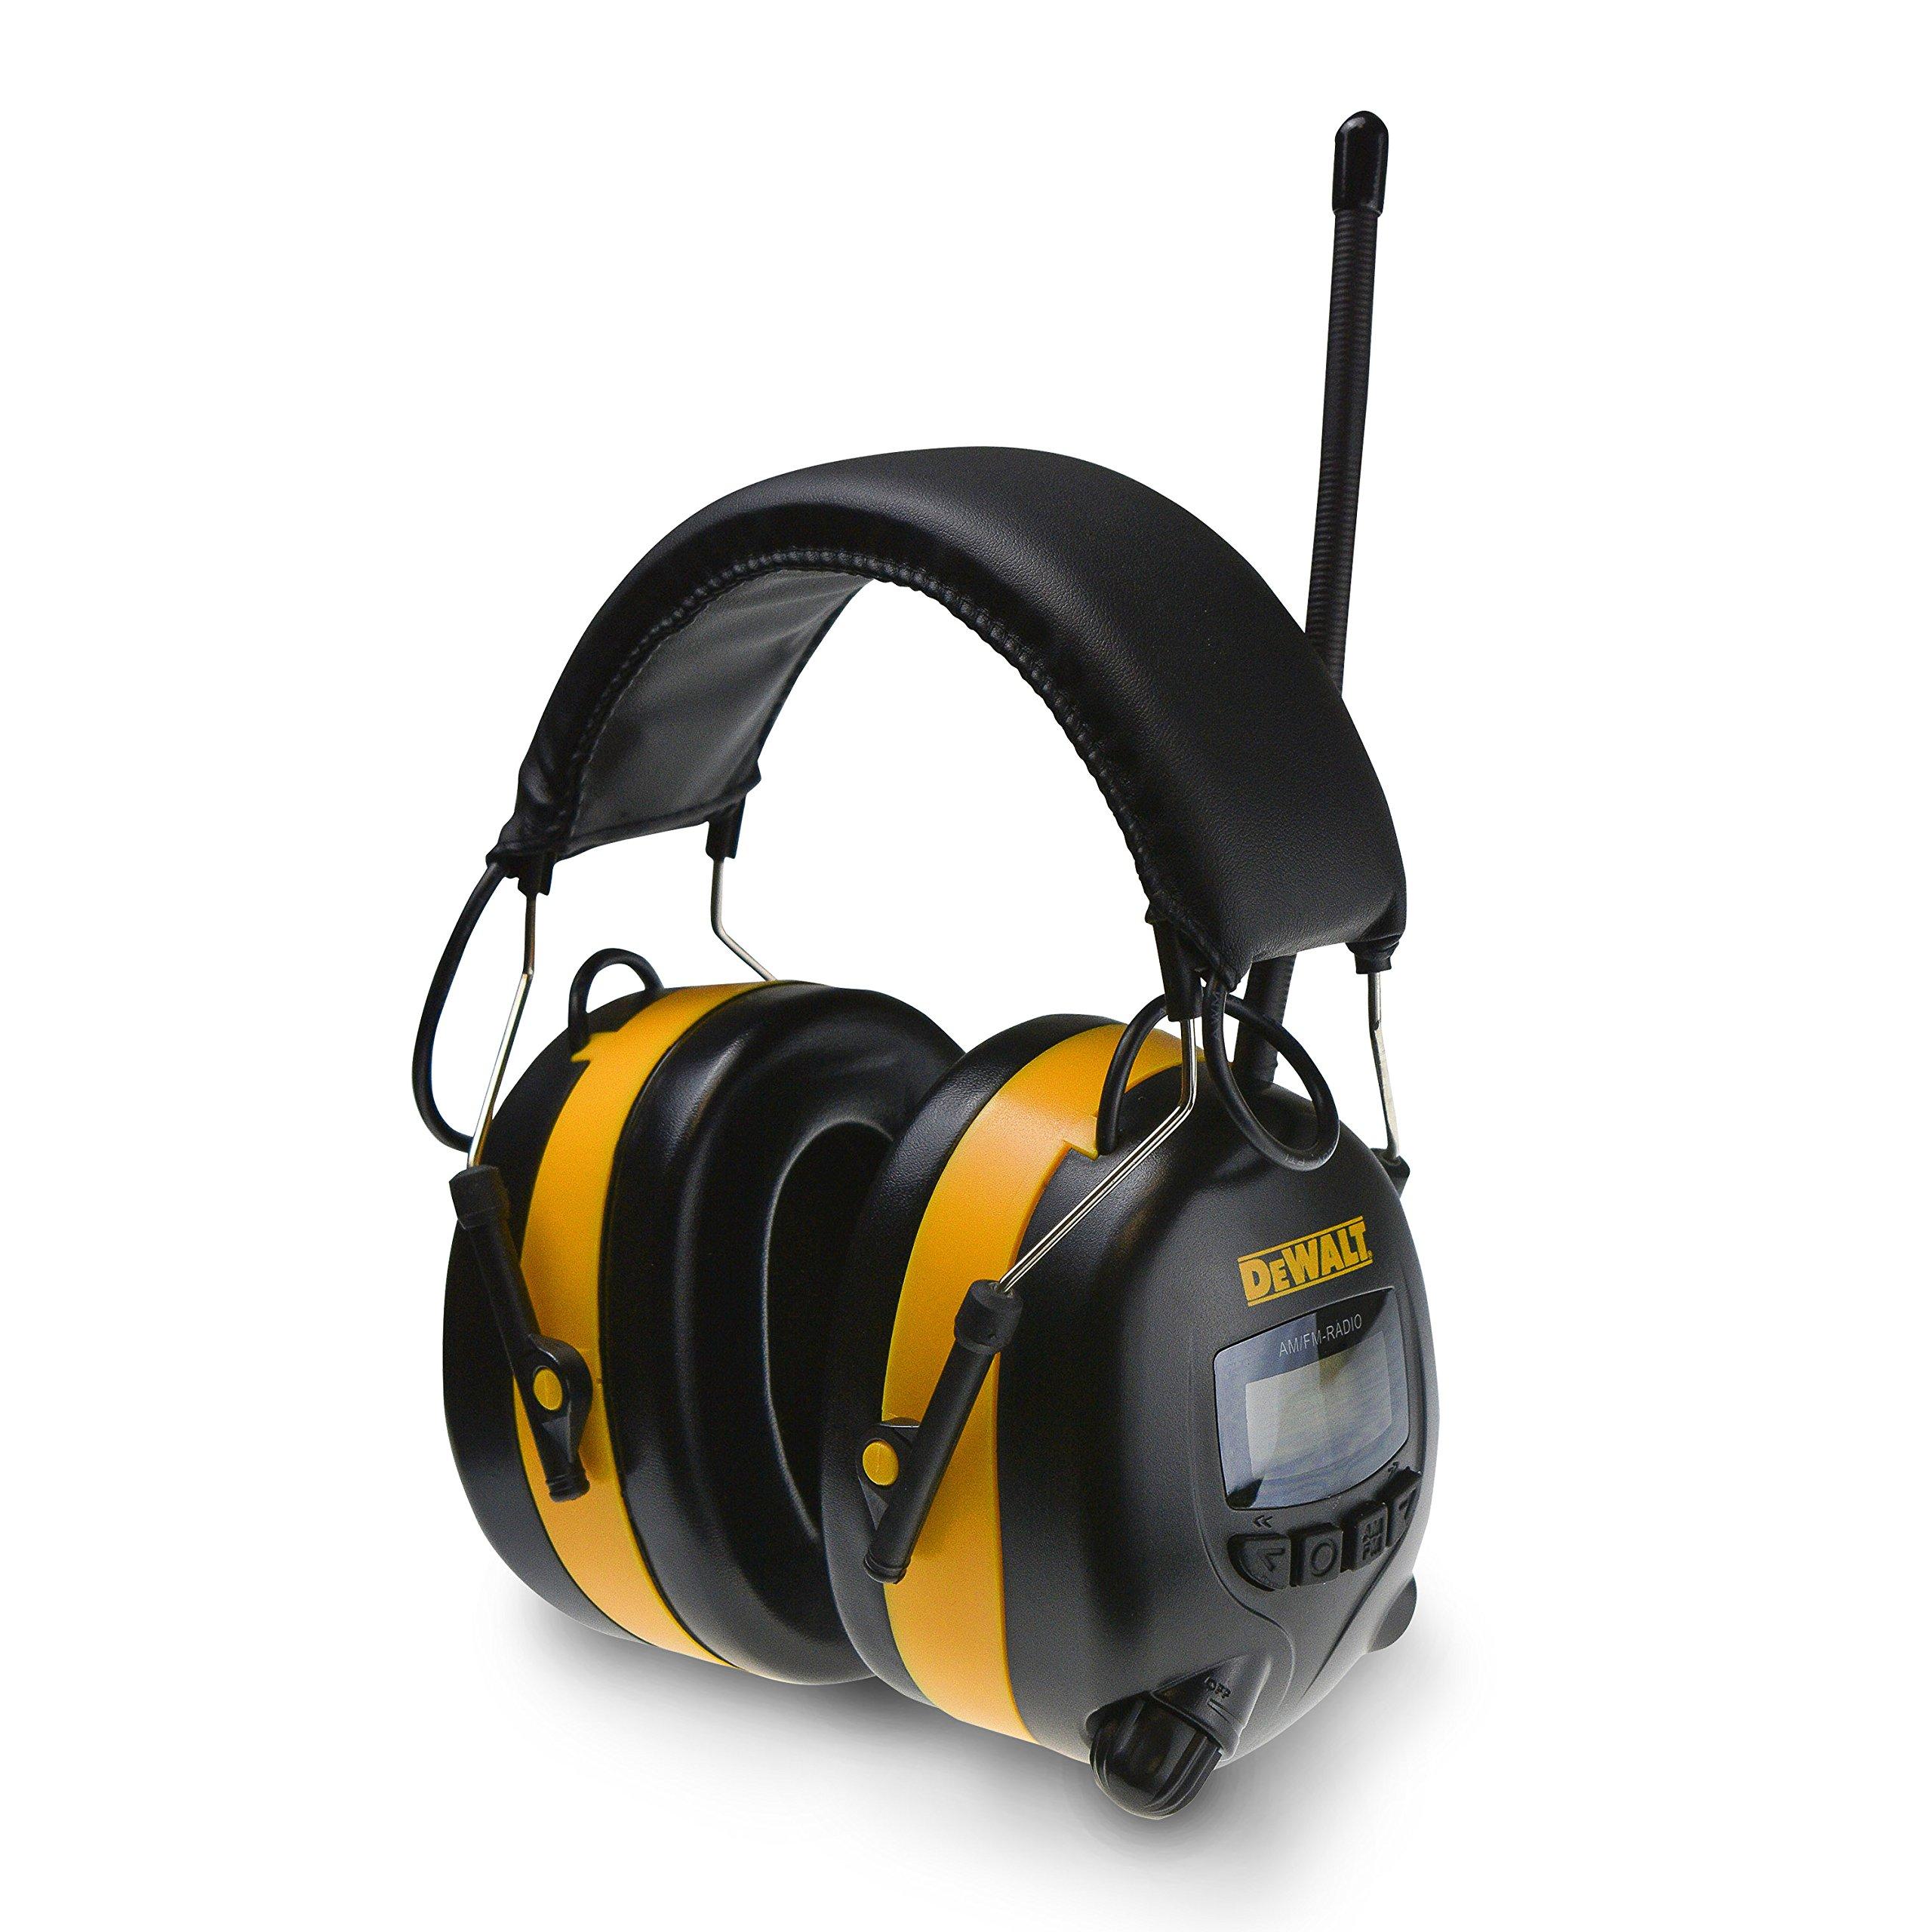 DEWALT DPG15 Digital AM/FM Hearing Protector